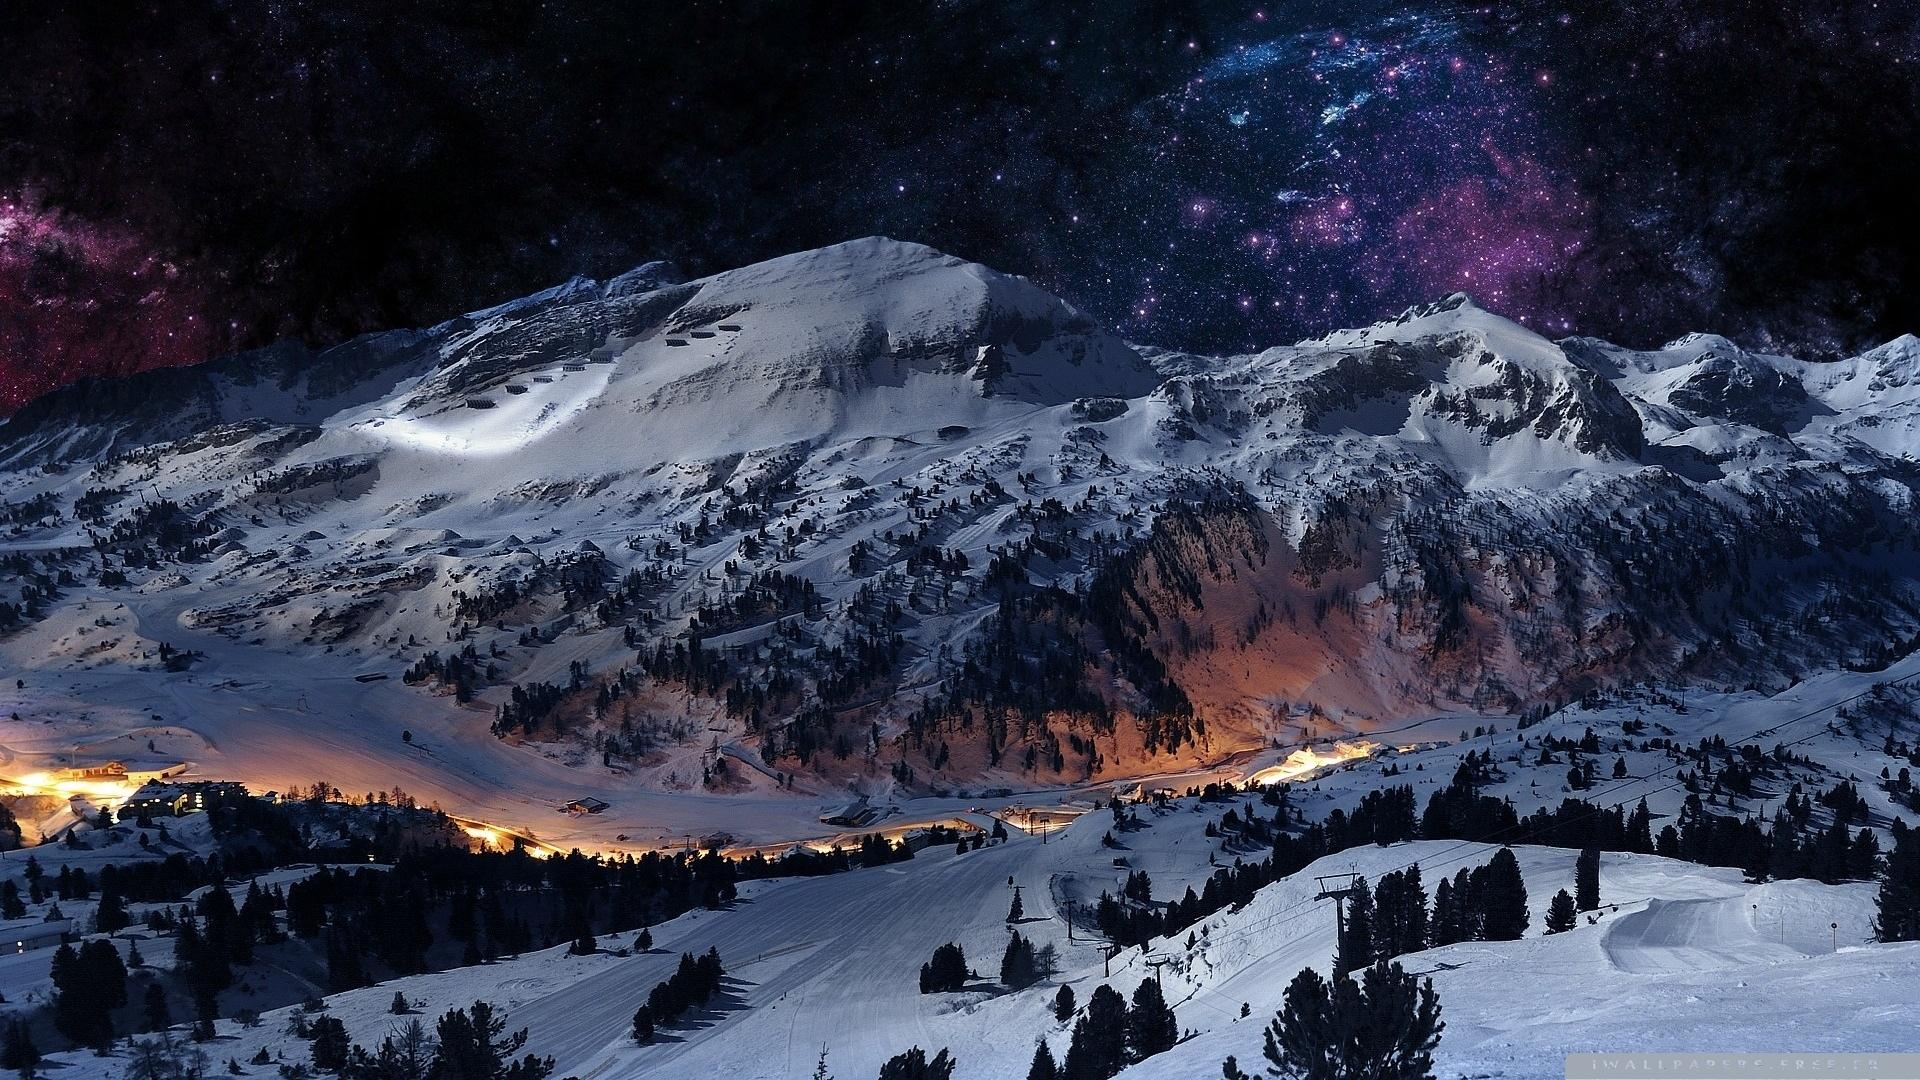 Night sky snow wallpaper 1920x1080 10 000 fonds d 39 cran for Immagini full hd 1920x1080